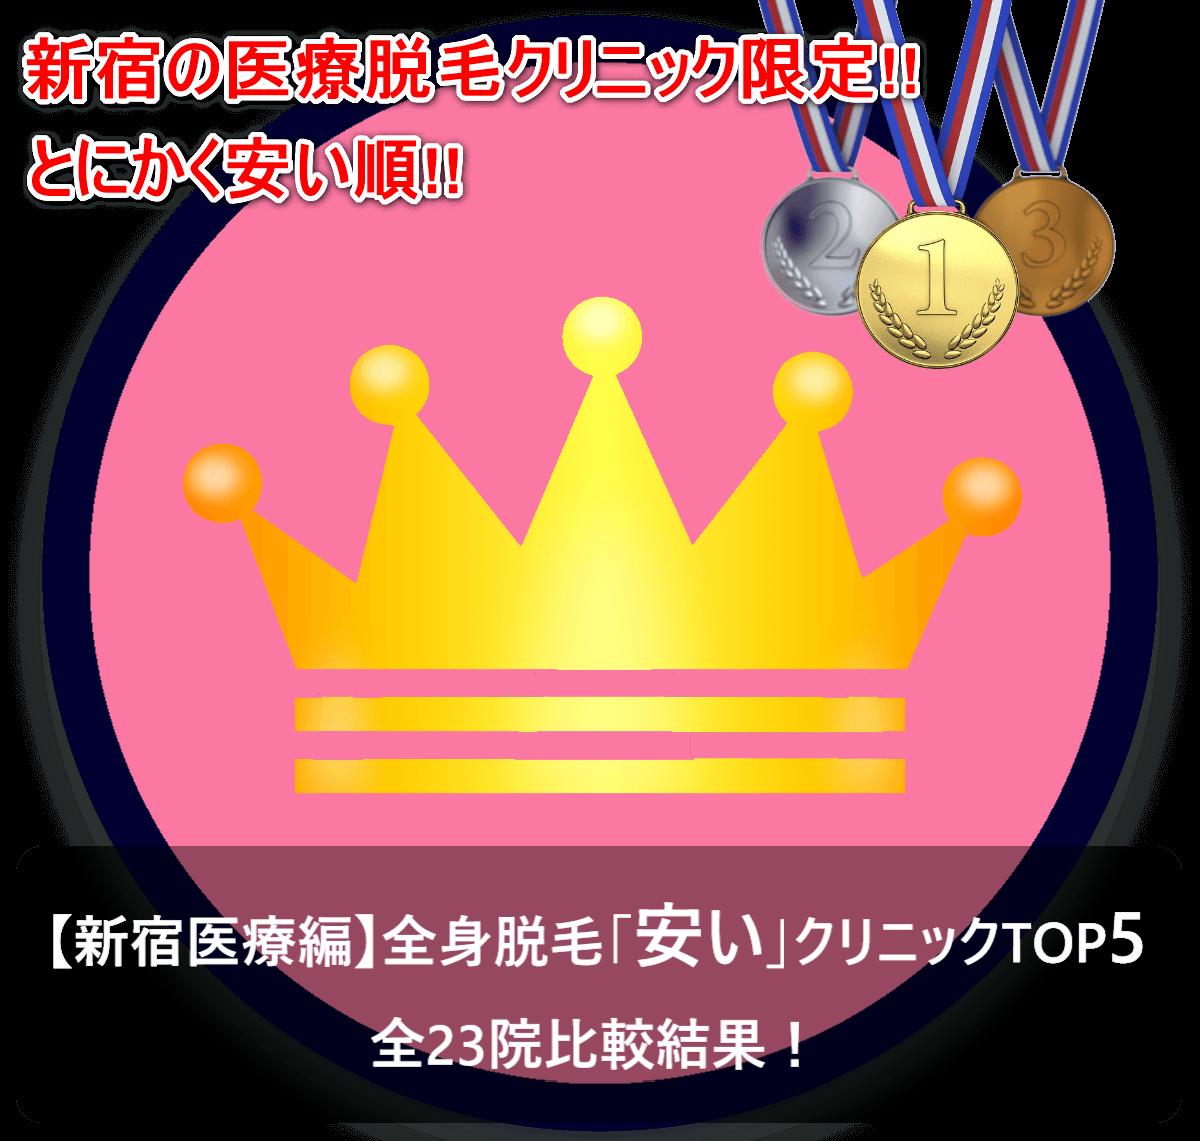 【新宿医療編】全身脱毛「安い」クリニックTOP5|全23院比較結果!